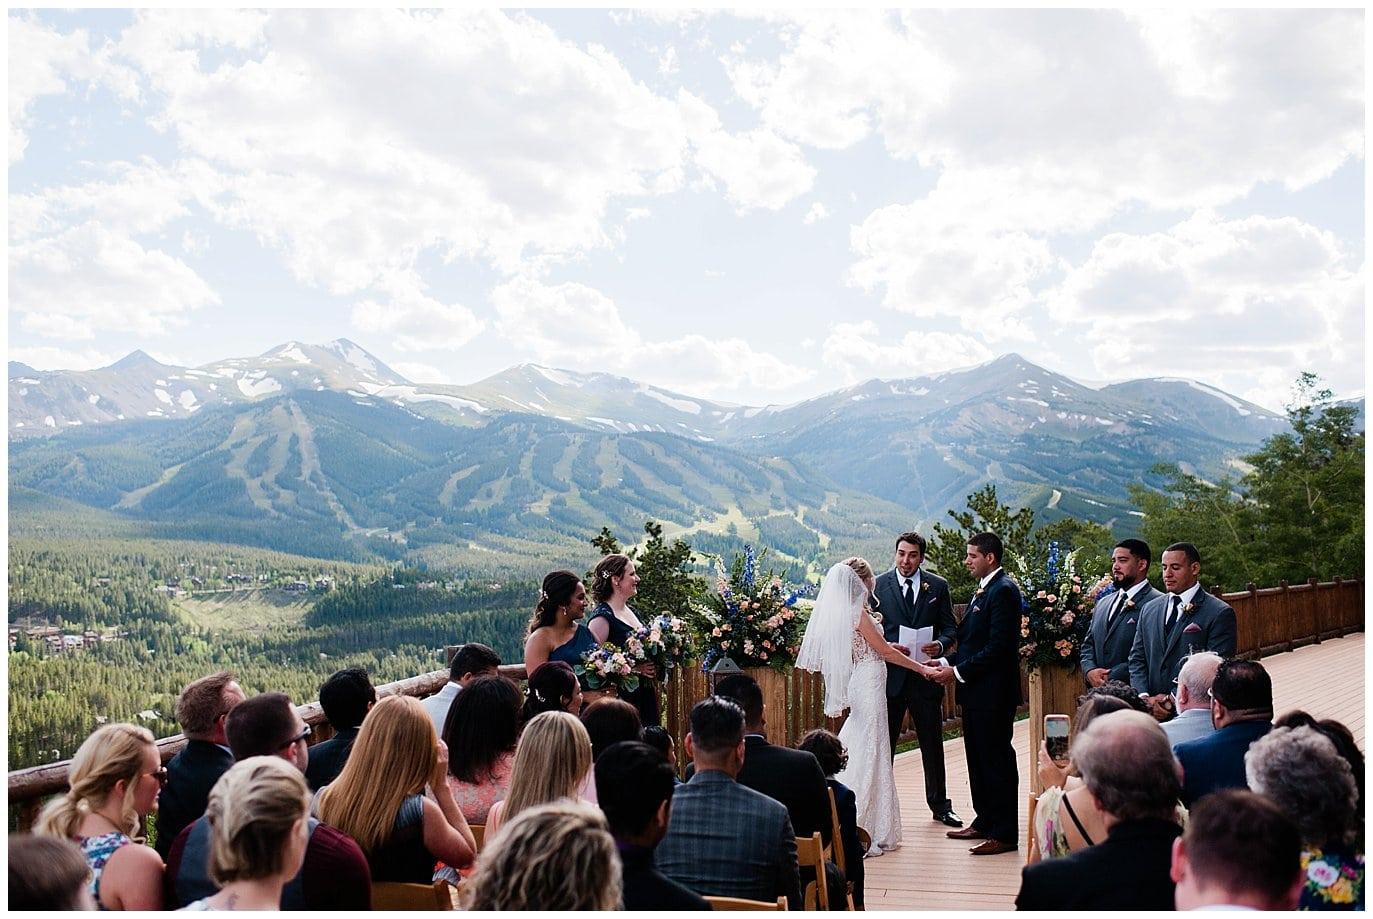 ski resort wedding photo